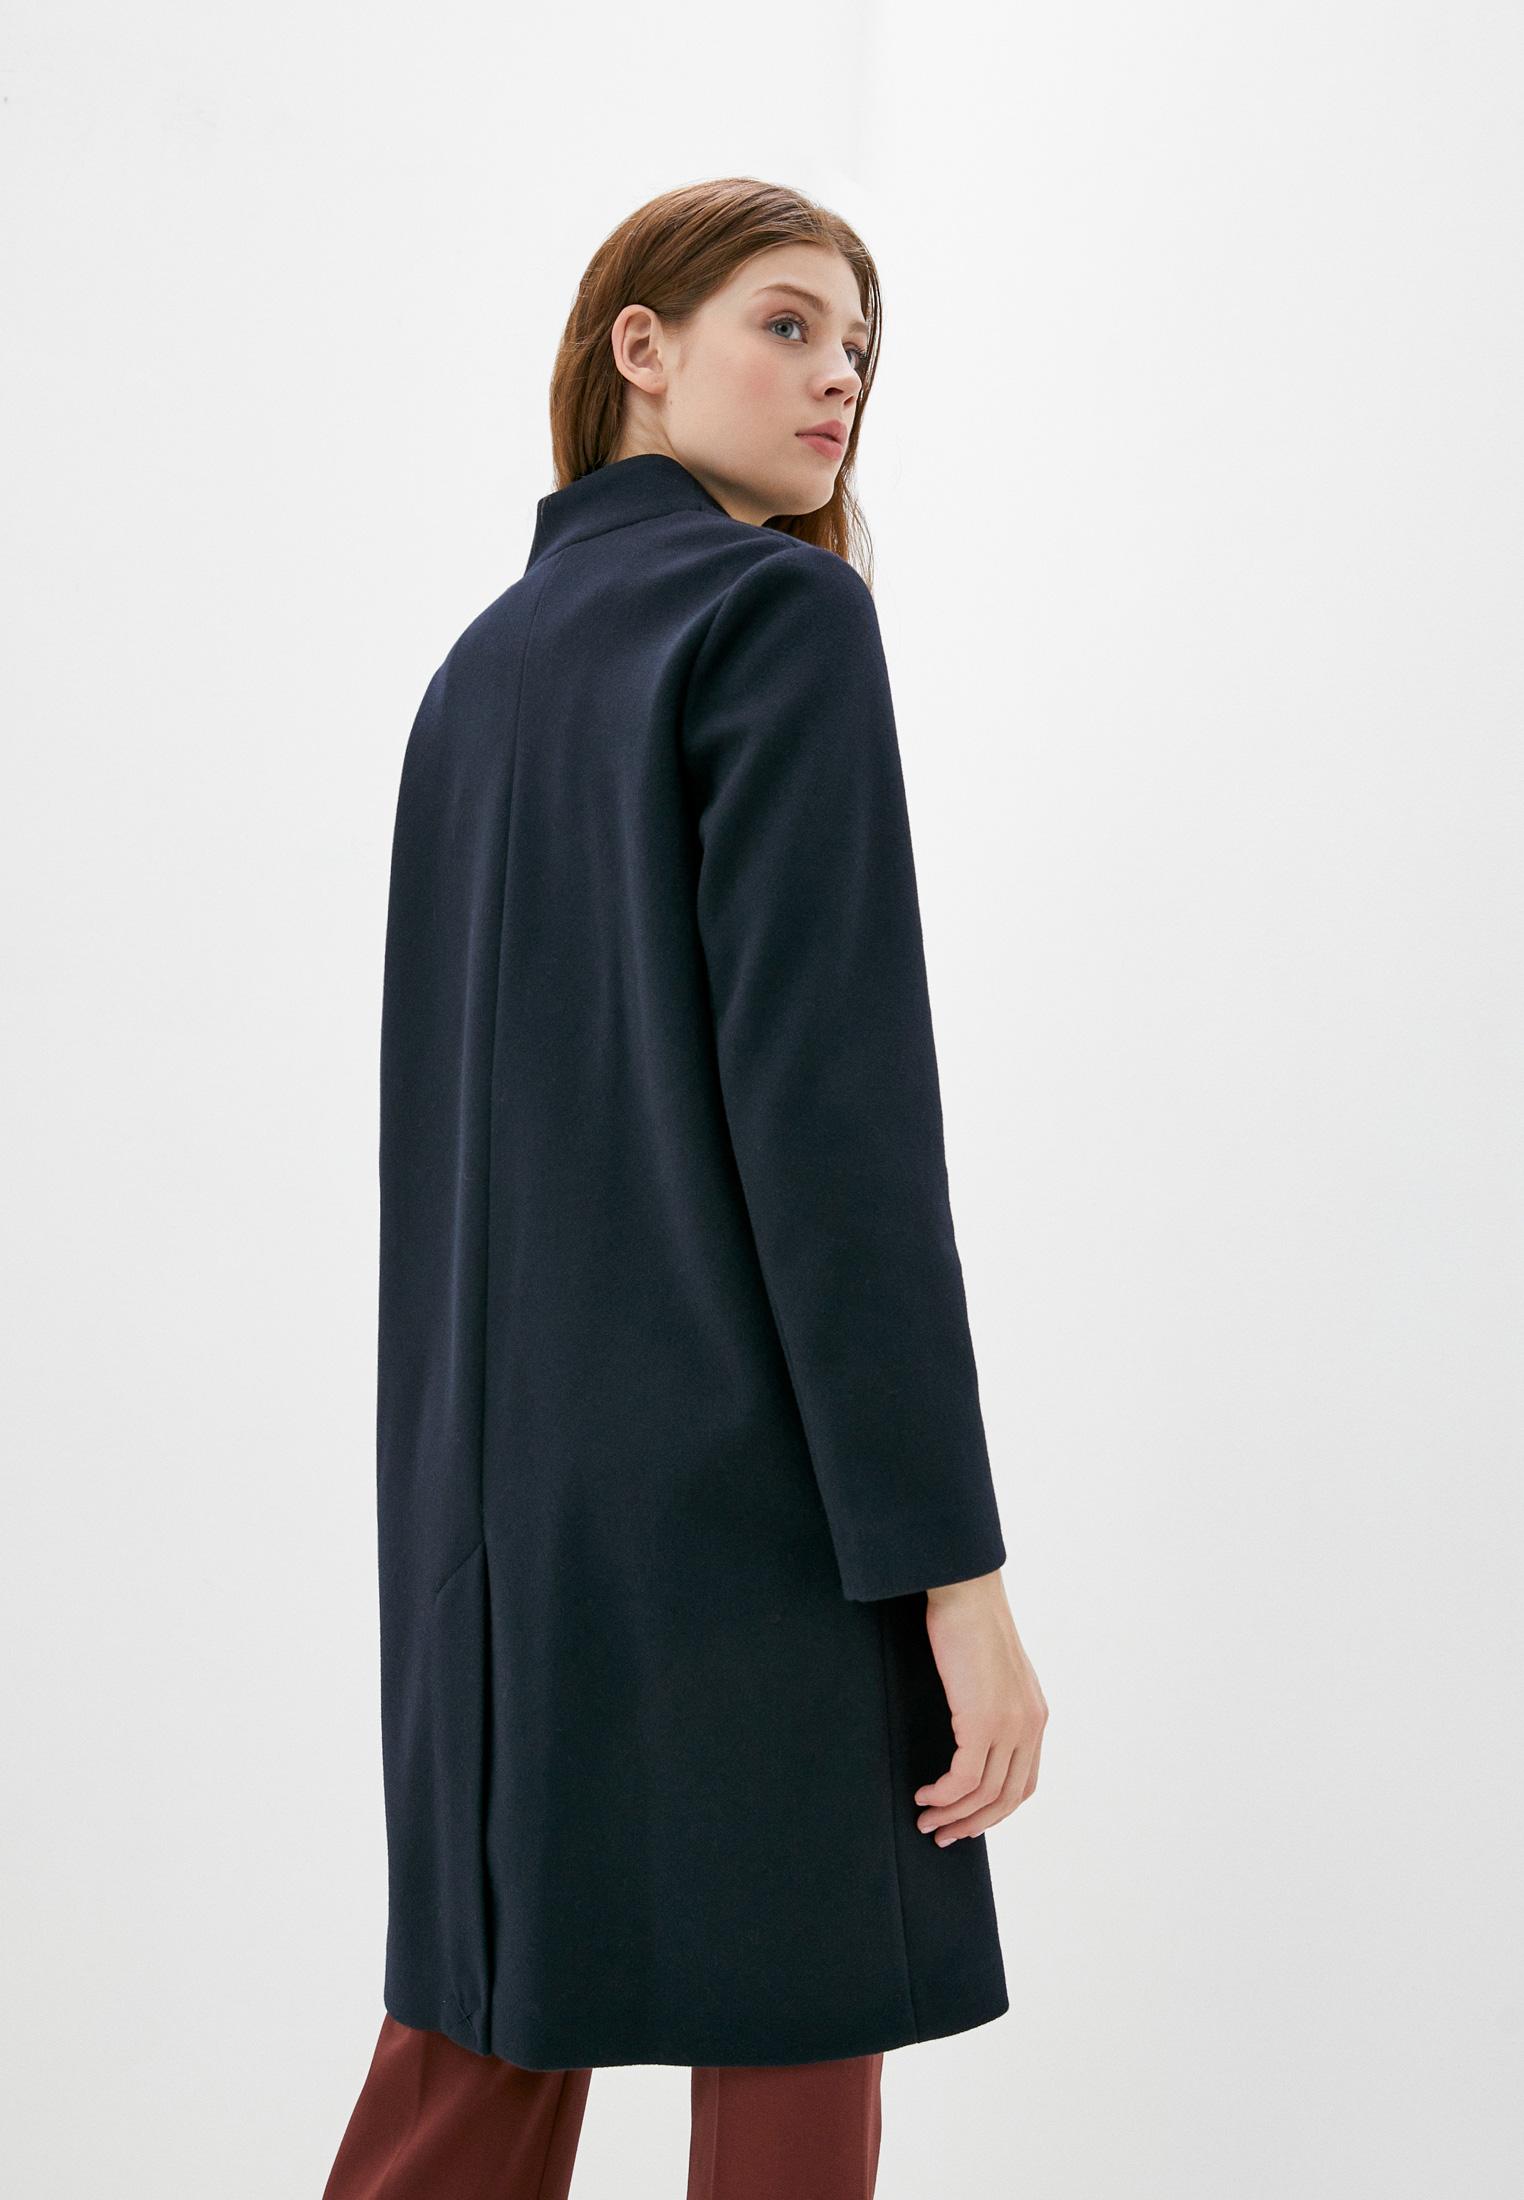 Женские пальто Dorothy Perkins (Дороти Перкинс) 98506510: изображение 4